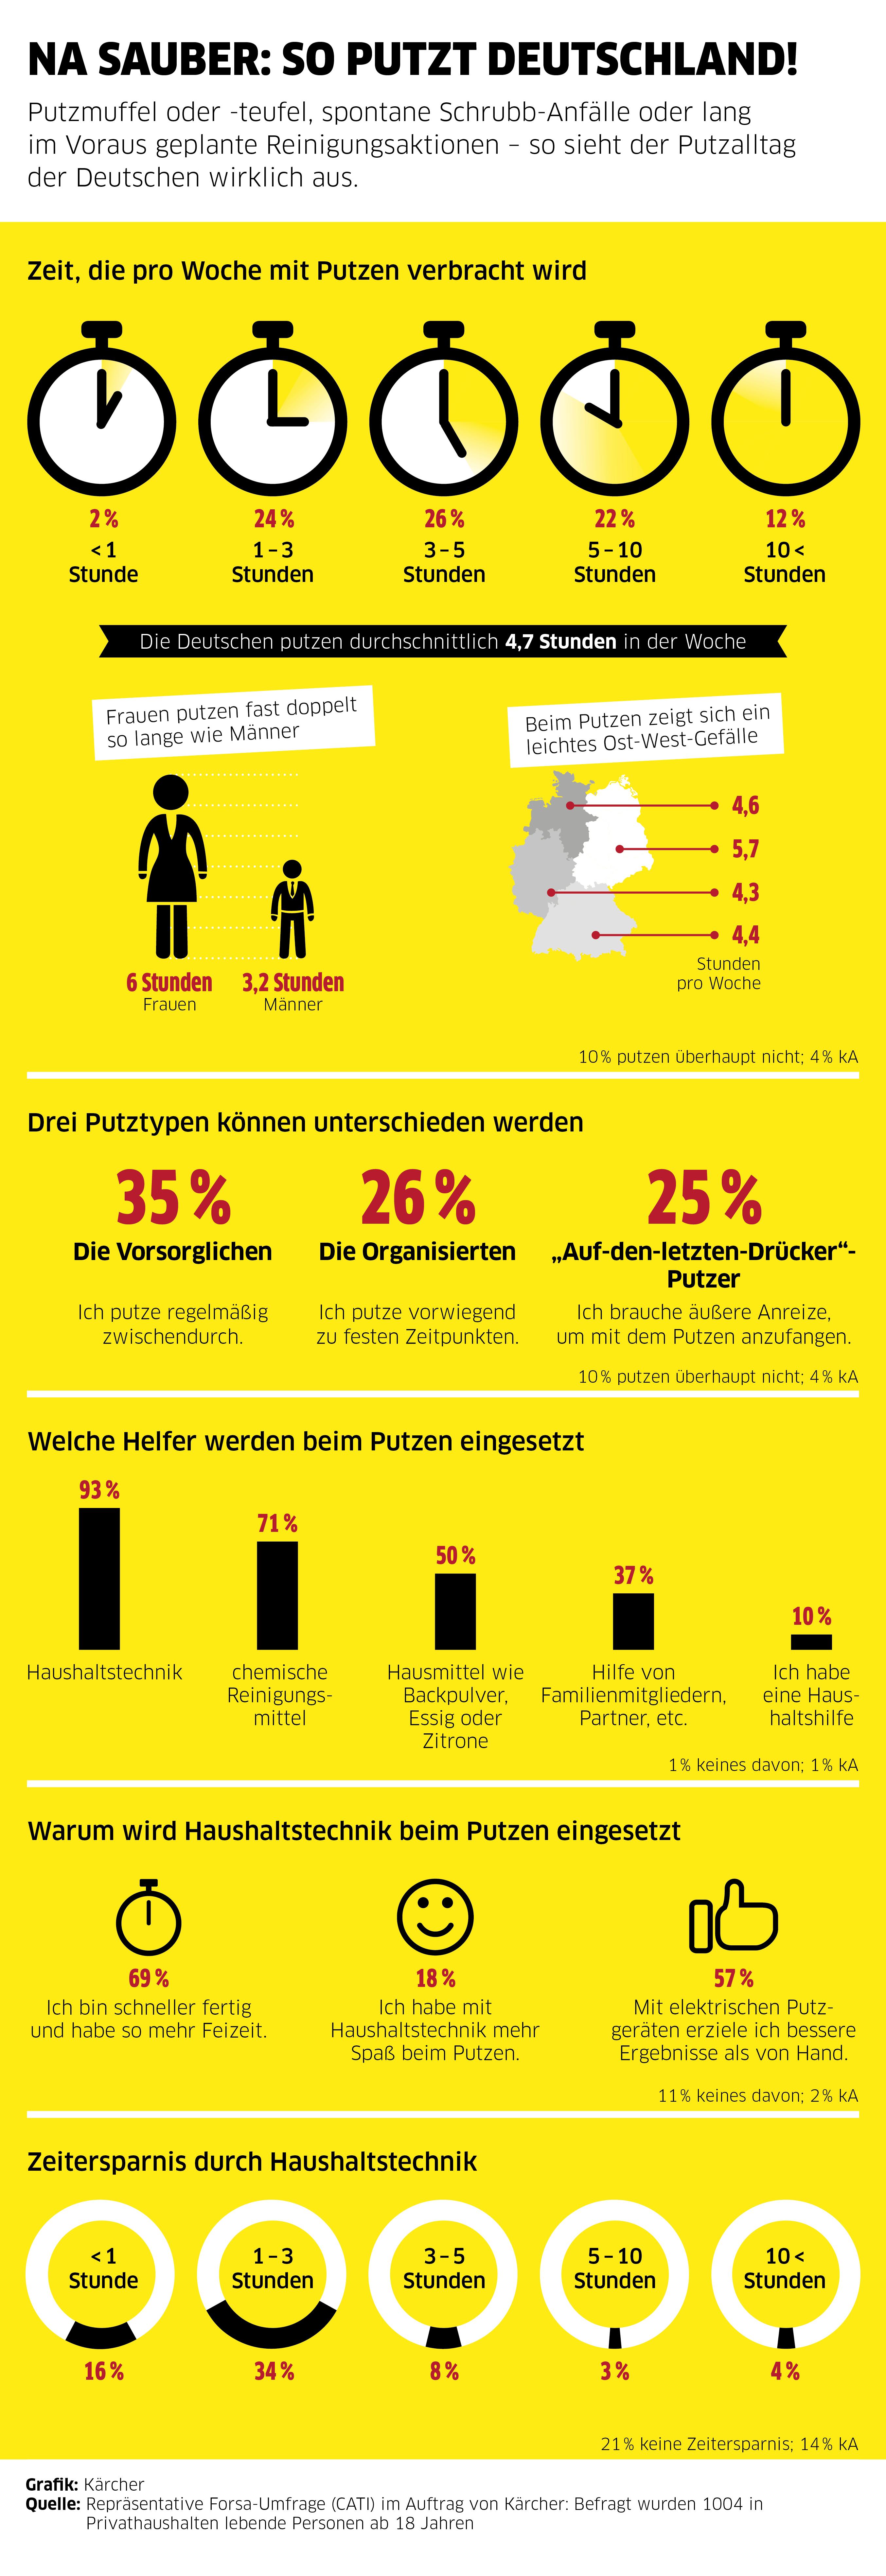 na sauber so putzt deutschland forsa umfrage im auftrag von k rcher presseportal. Black Bedroom Furniture Sets. Home Design Ideas